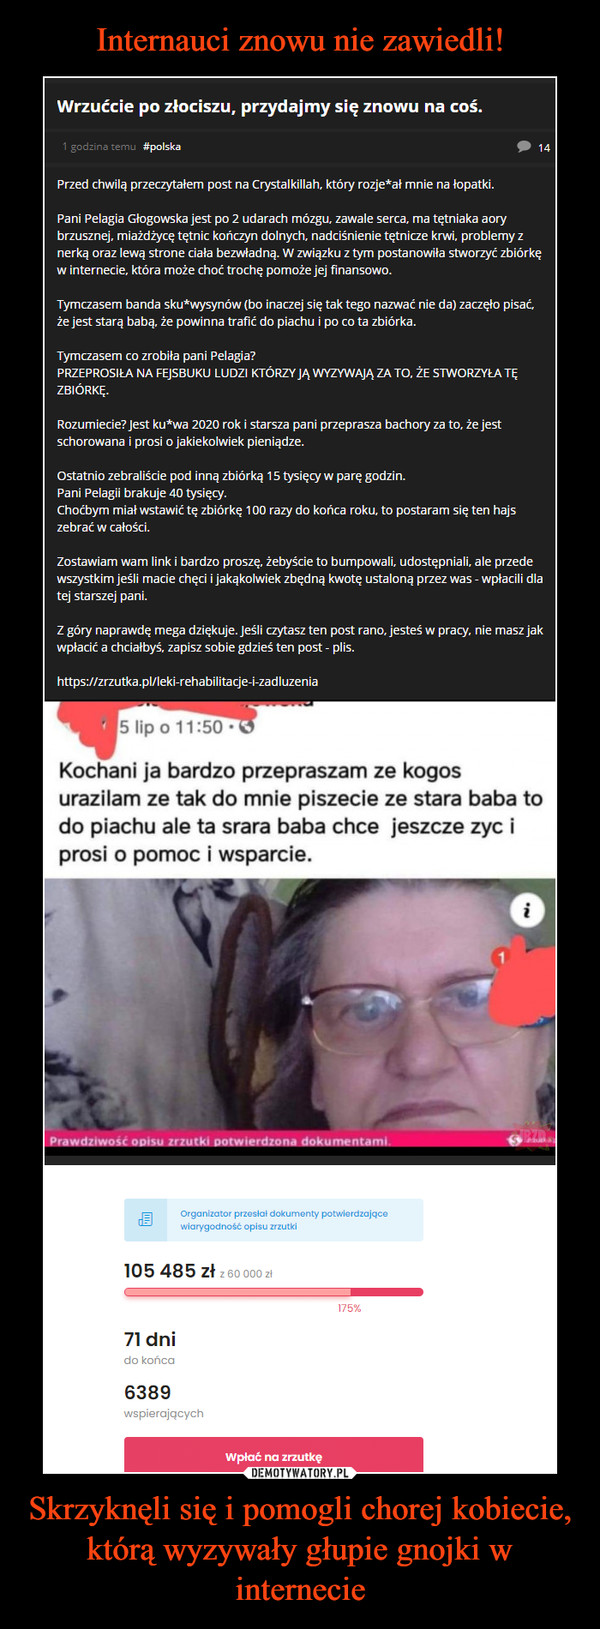 Skrzyknęli się i pomogli chorej kobiecie, którą wyzywały głupie gnojki w internecie –